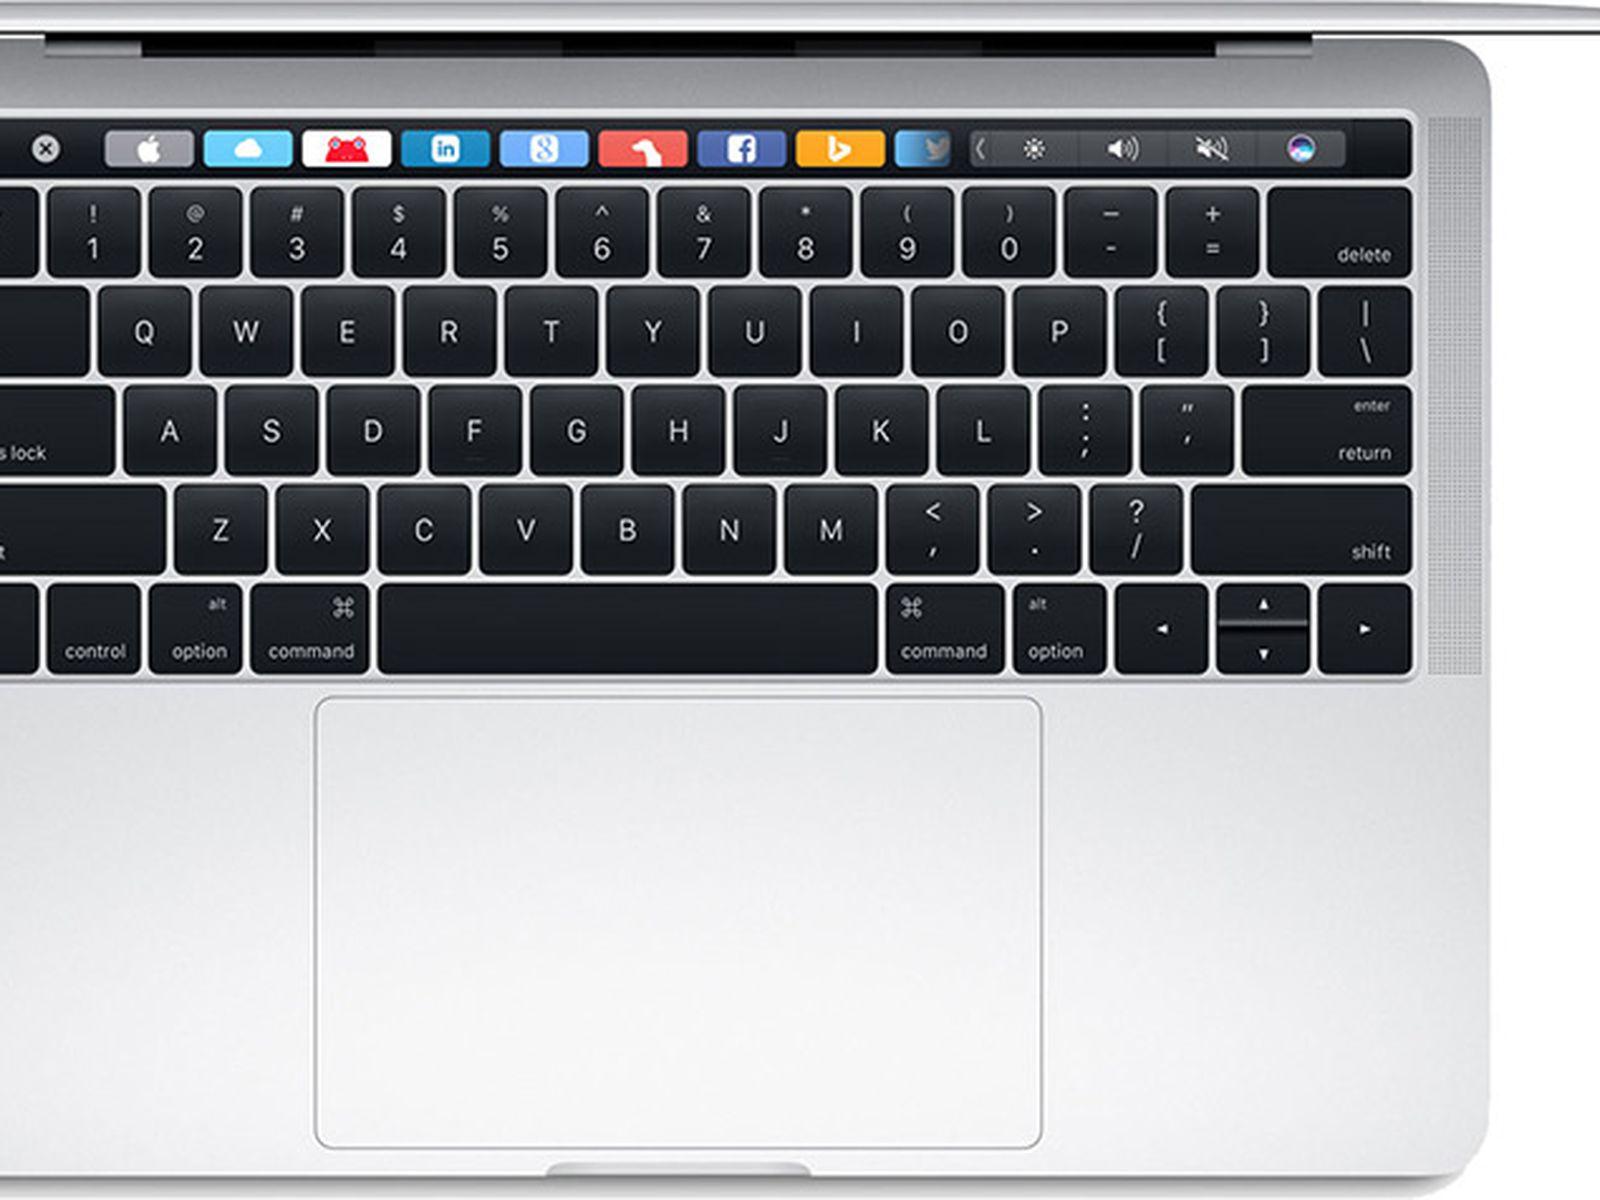 Mac Keyboard Services Brings Up Wrong App